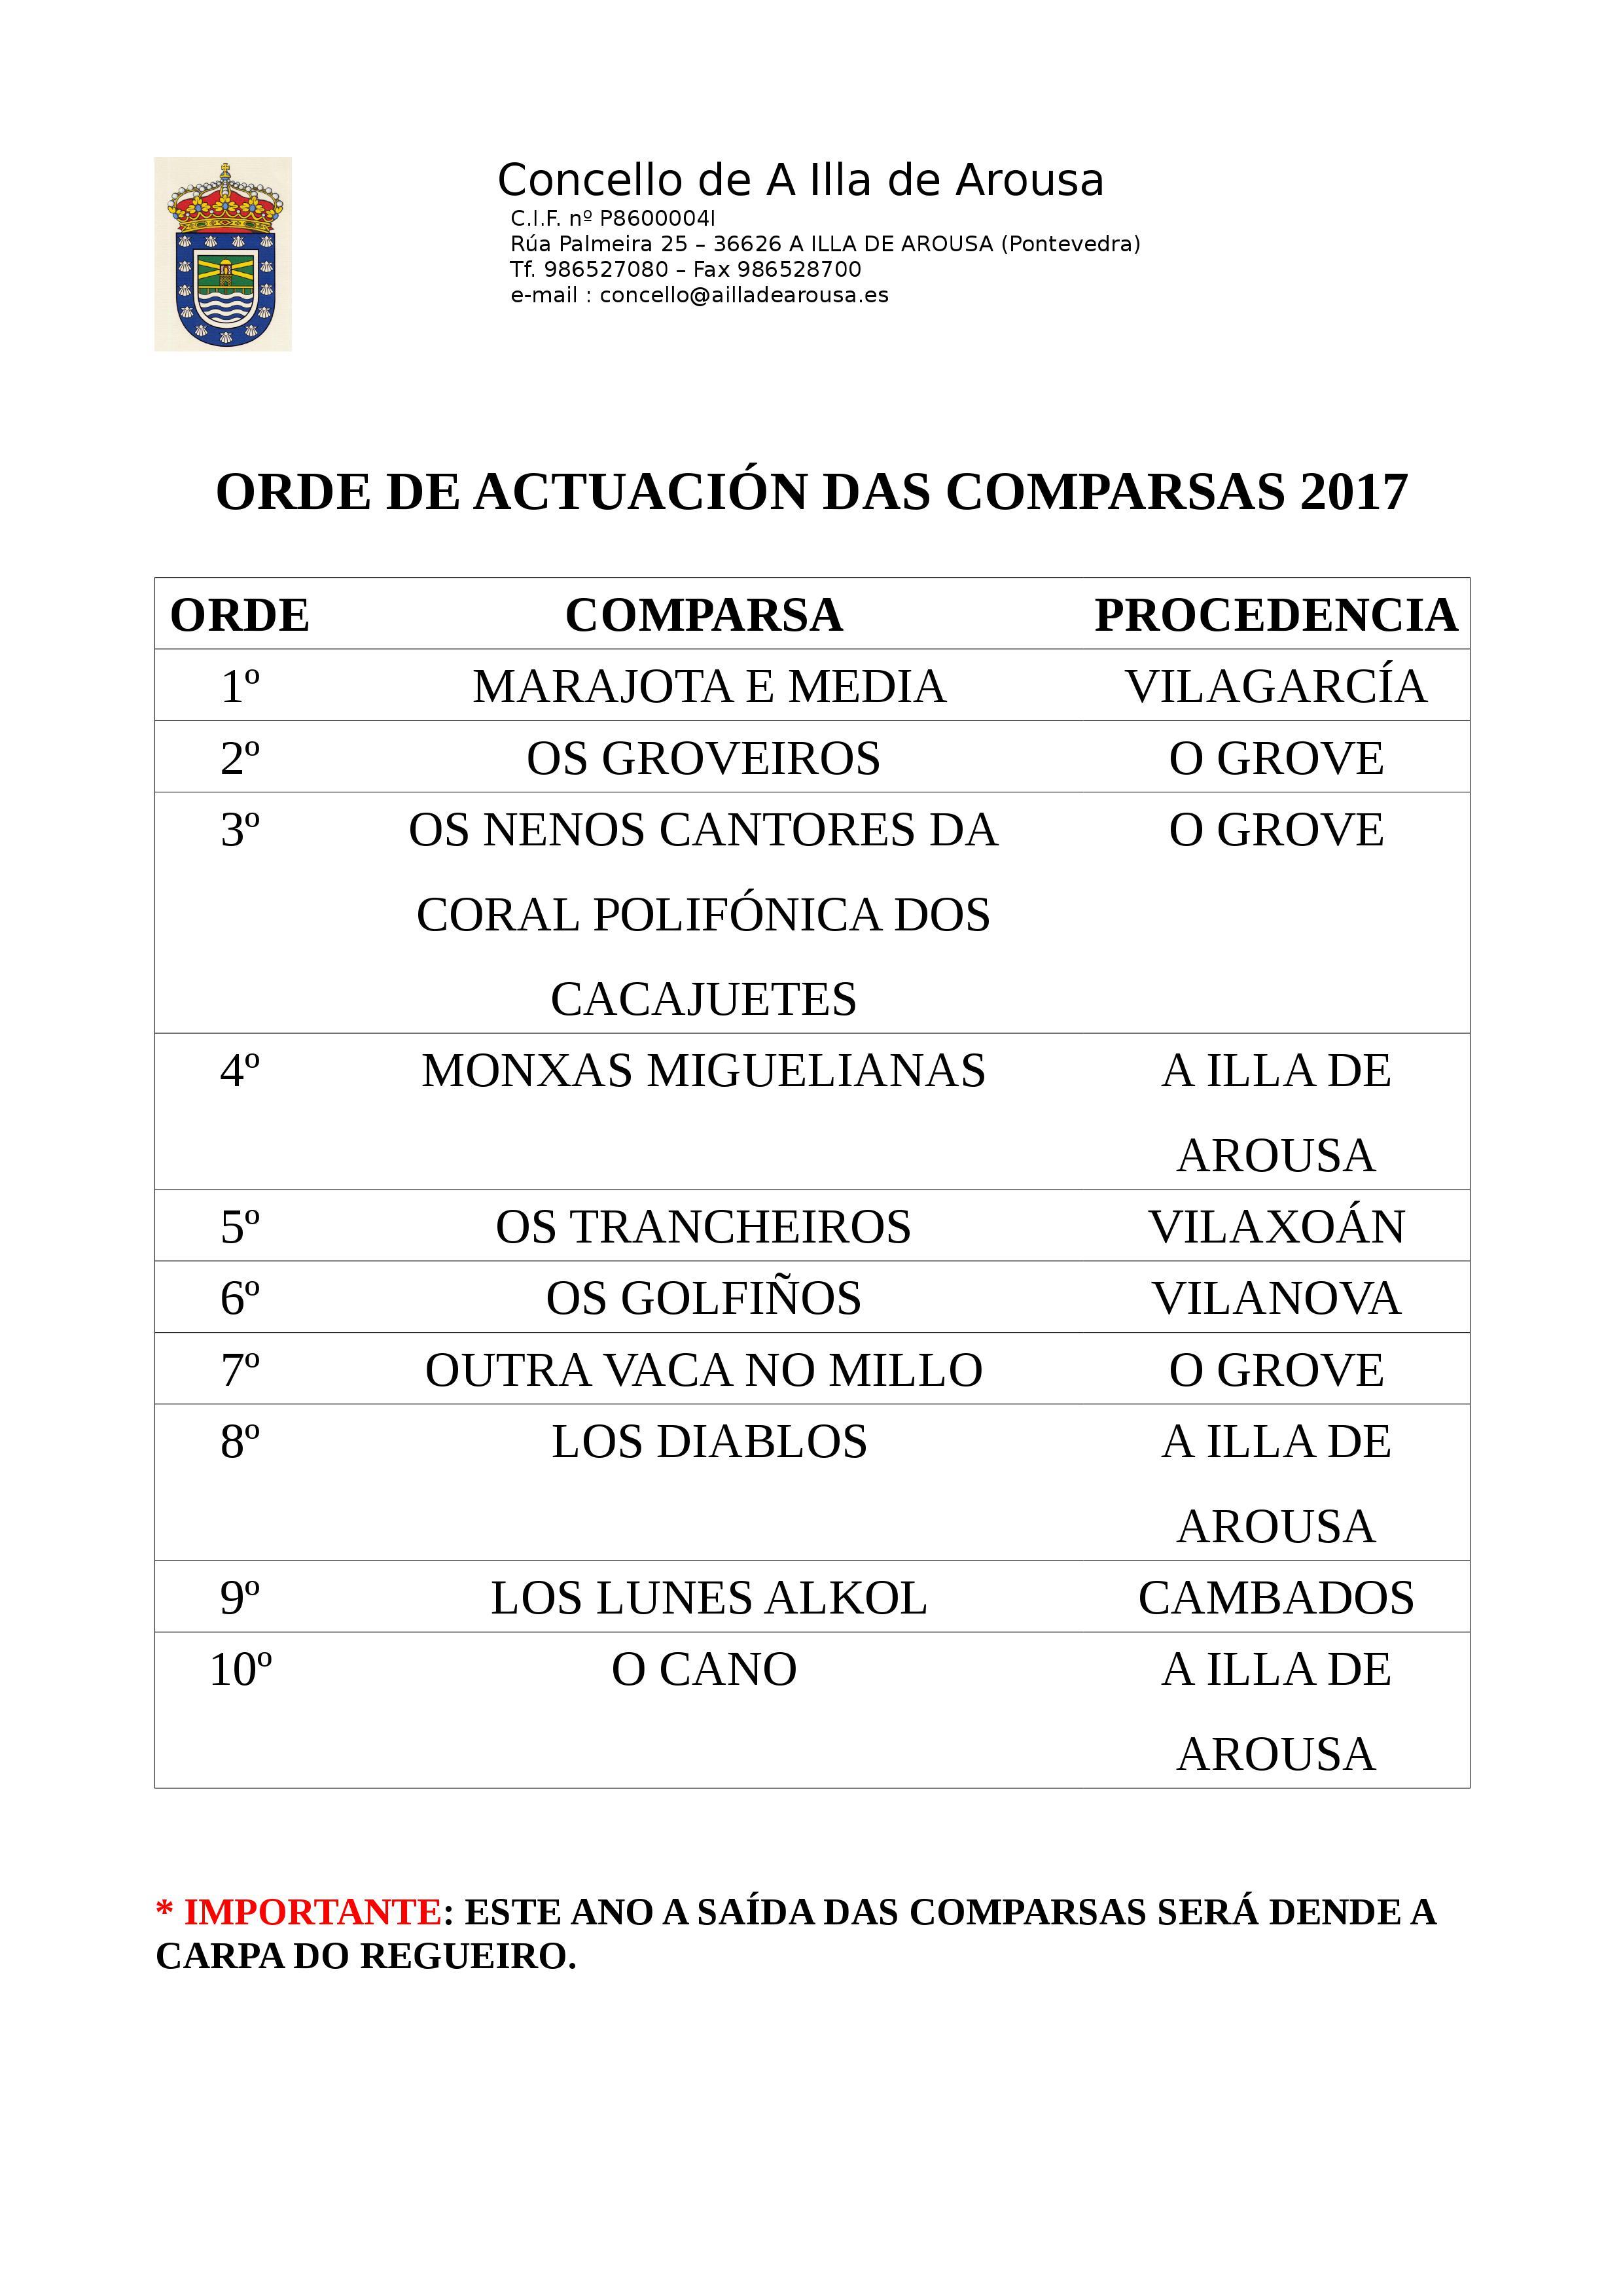 Orde de actuación das Comparsas 2017